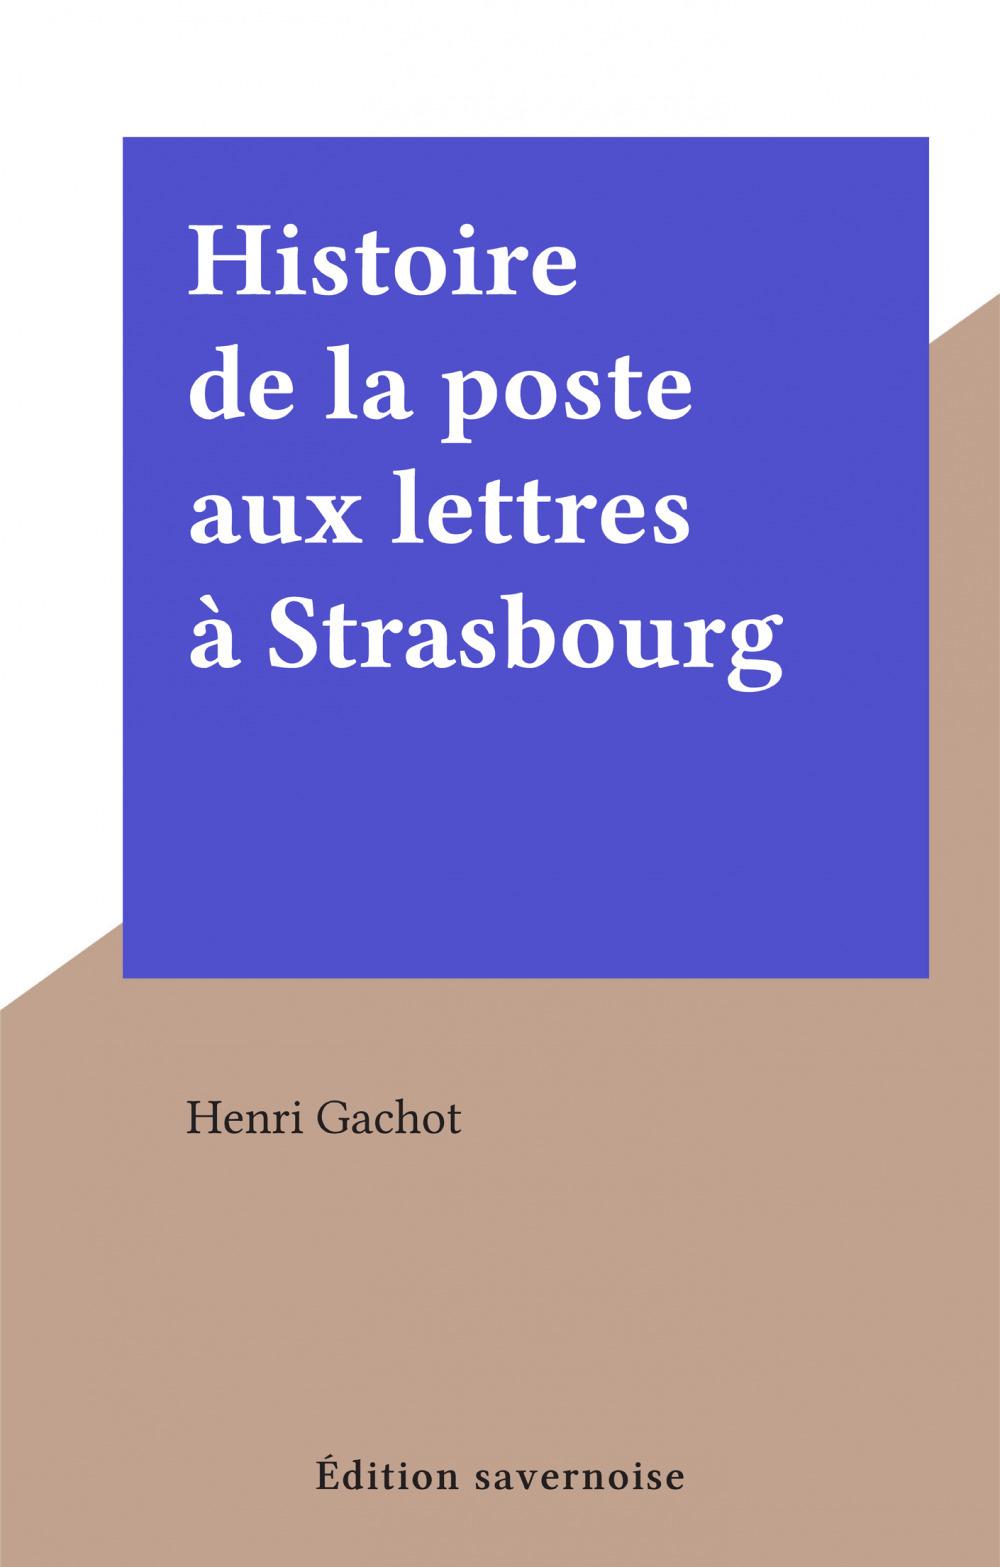 Histoire de la poste aux lettres à Strasbourg